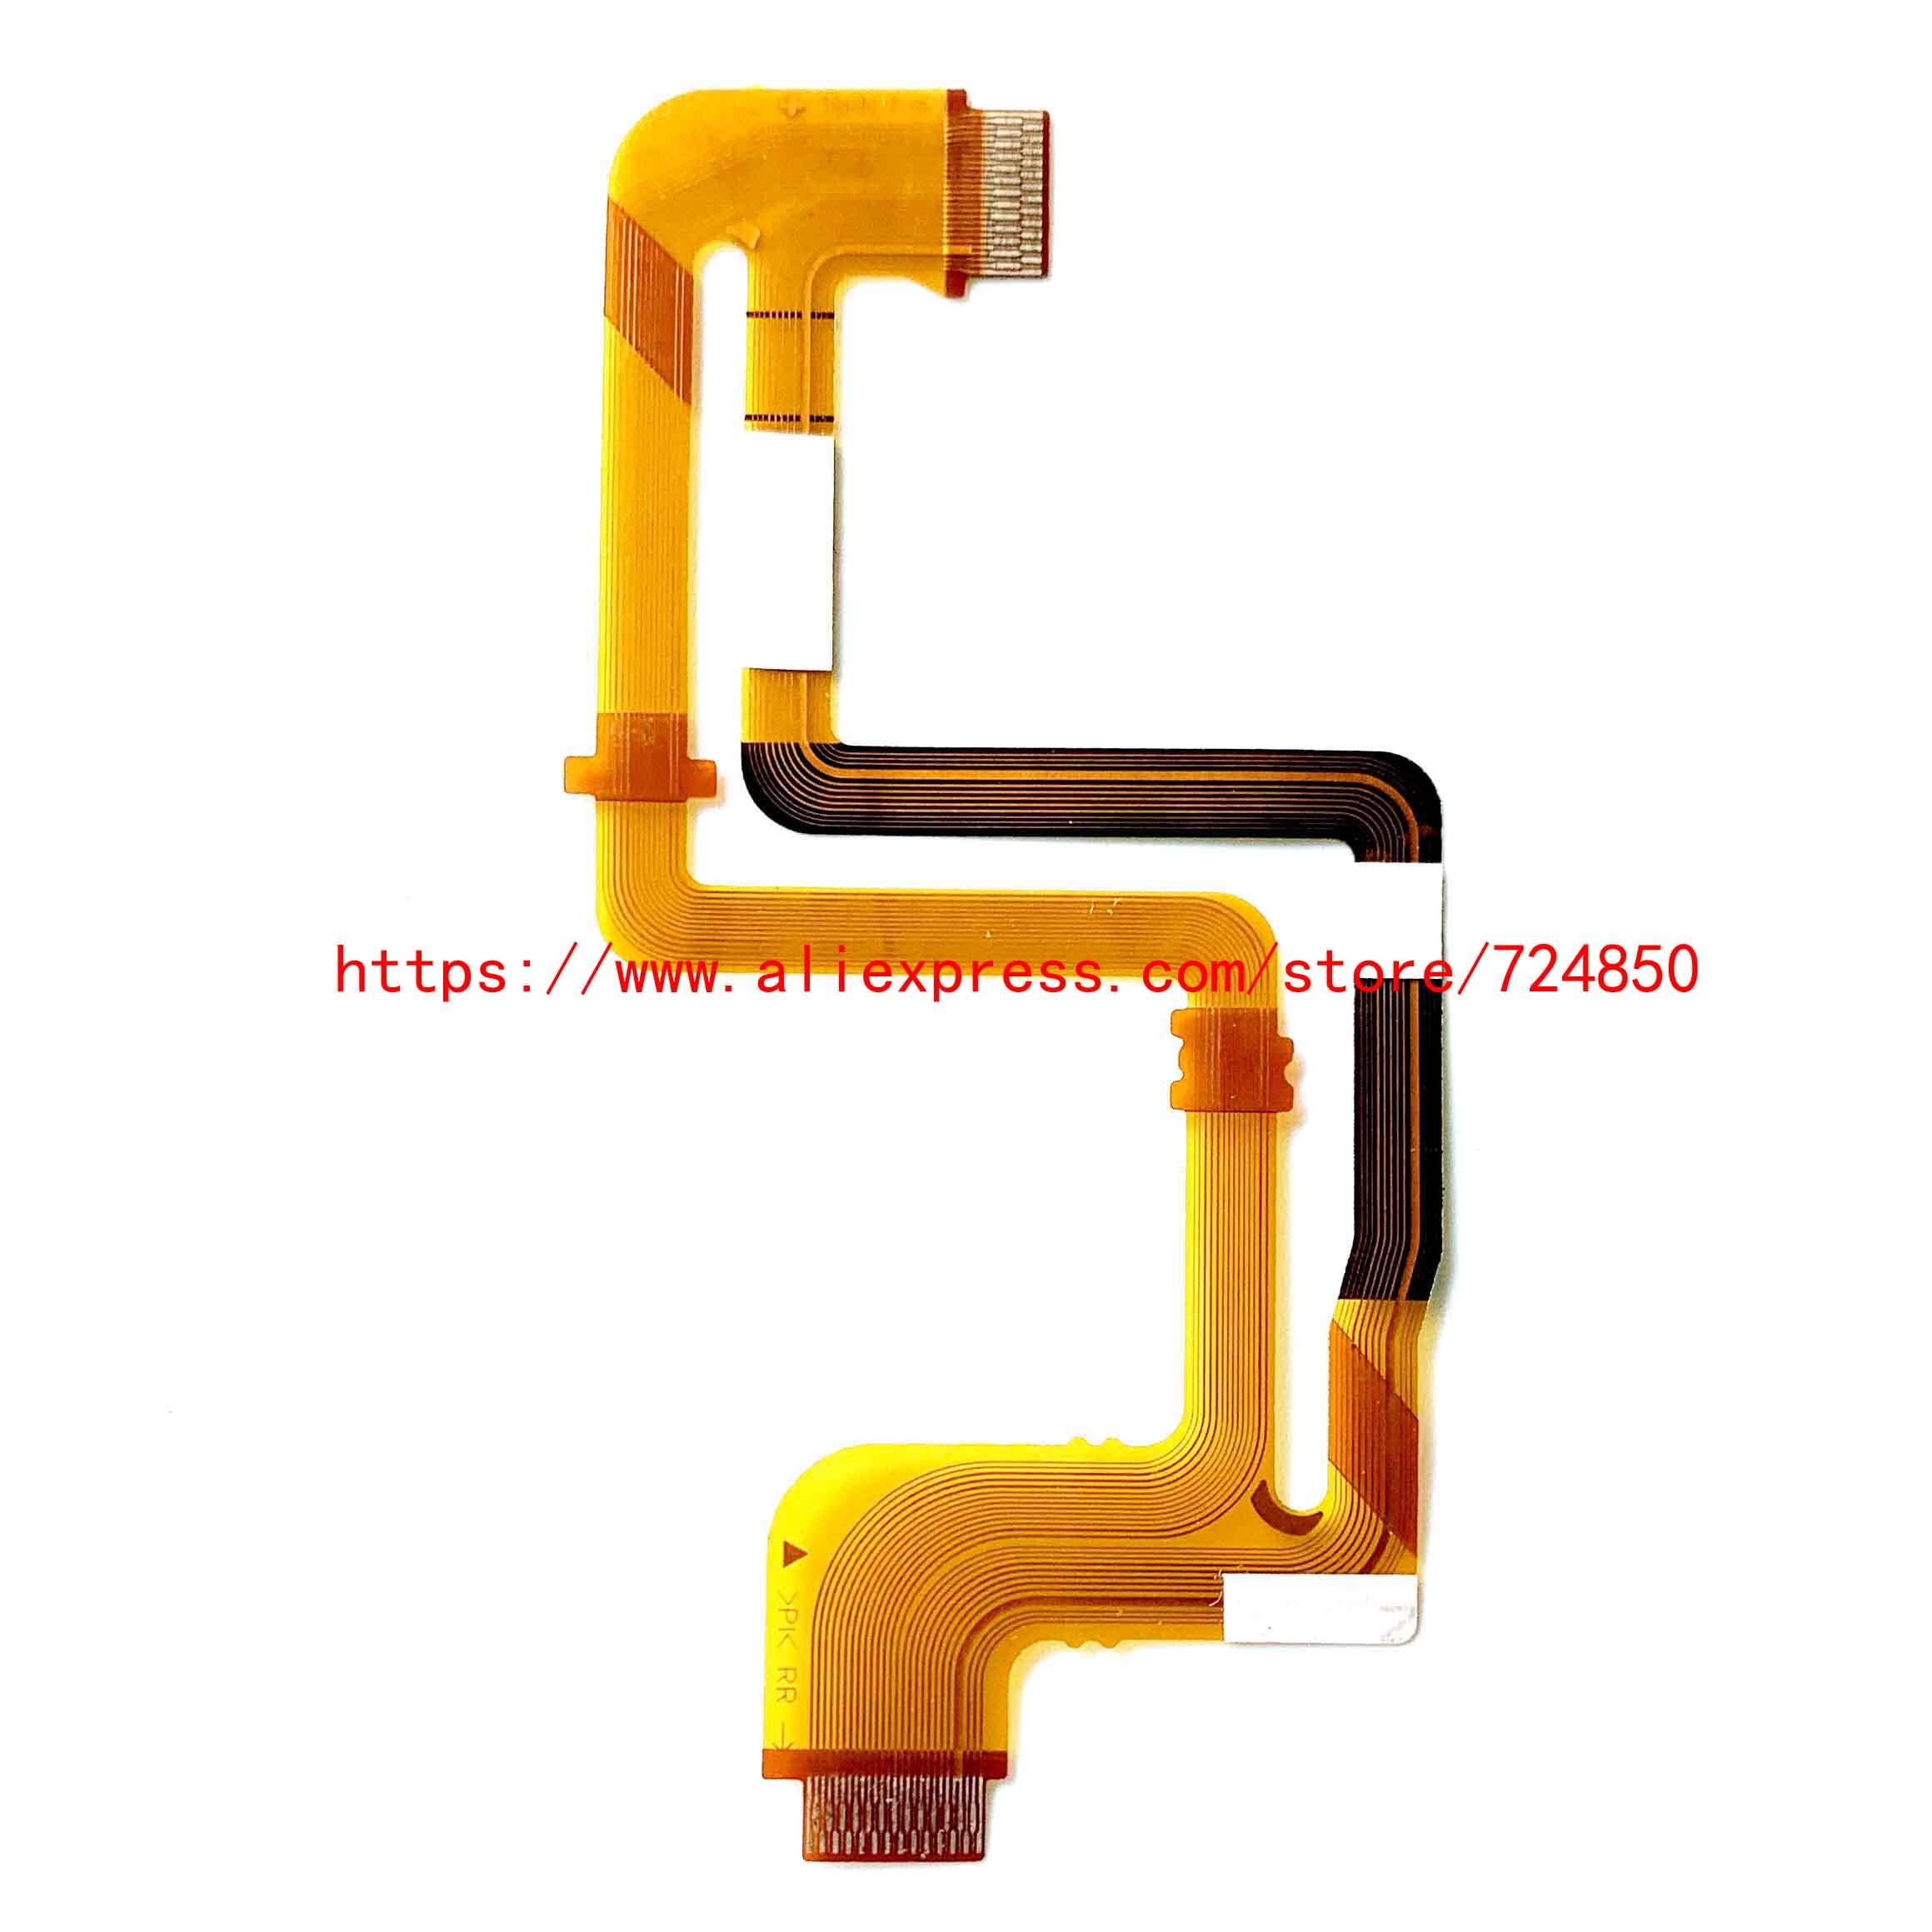 Heyman Cable plano para Sony HDR-HC1,HDR-HC1E,HDR-HC1EK,HDR-HC1K,HVR-A1C,HVR-A1E,HVR-A1J,HVR-A1N, cámaras de vídeo, (para LCD)